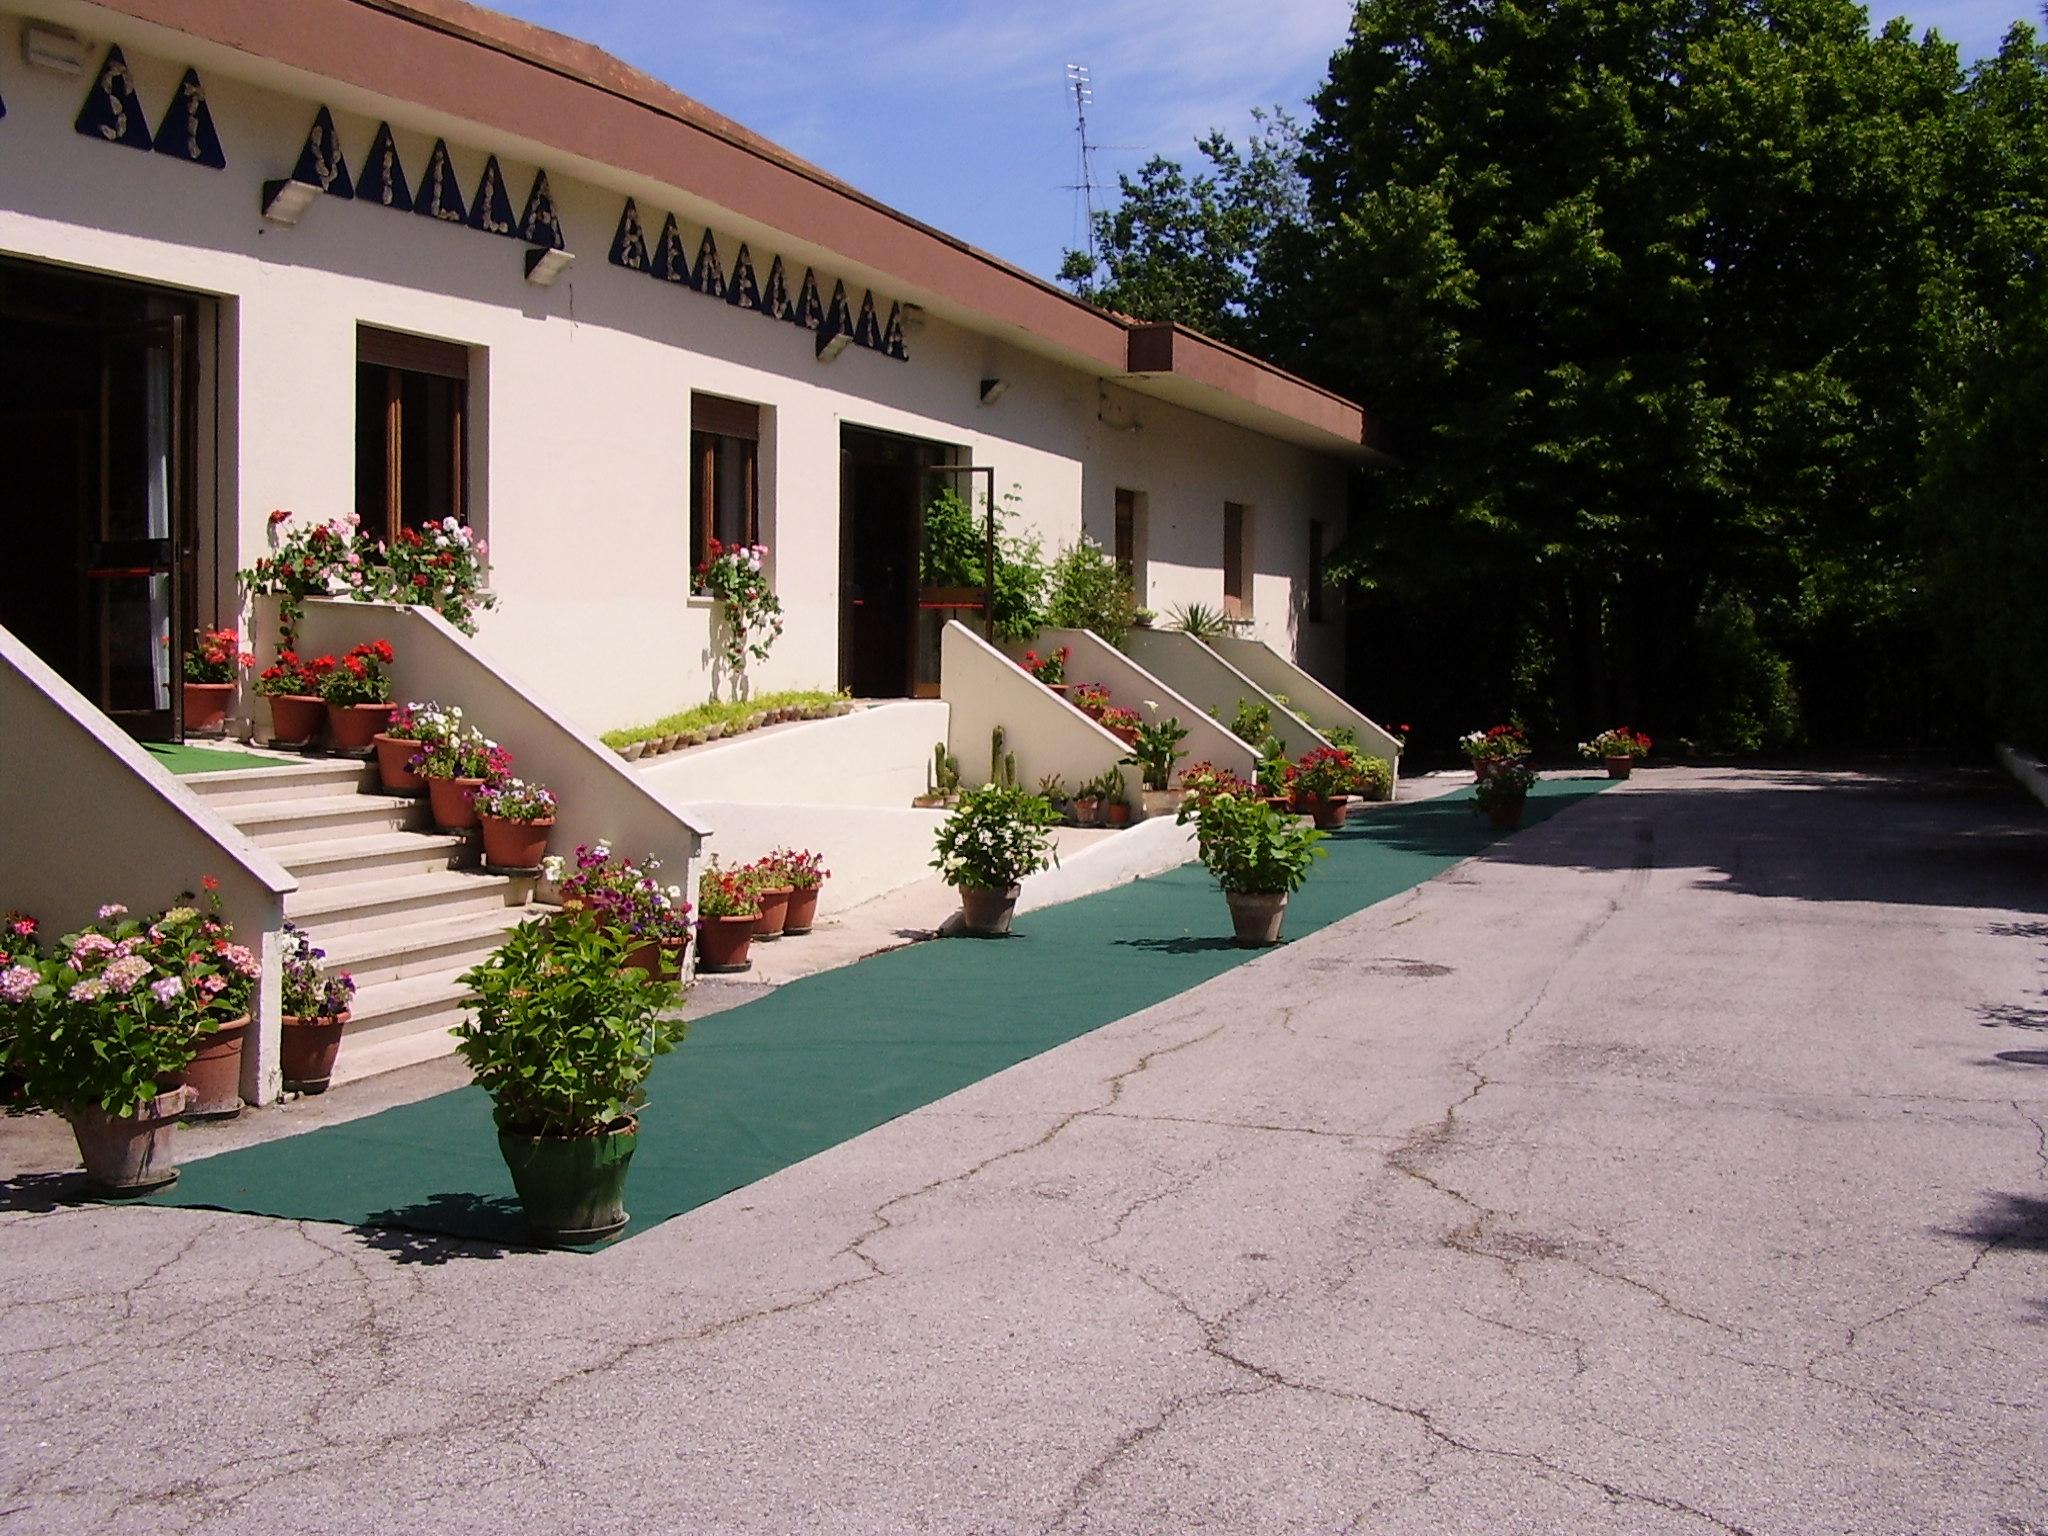 Immobile Commerciale in vendita a Senigallia, 9999 locali, prezzo € 1.250.000 | Cambiocasa.it